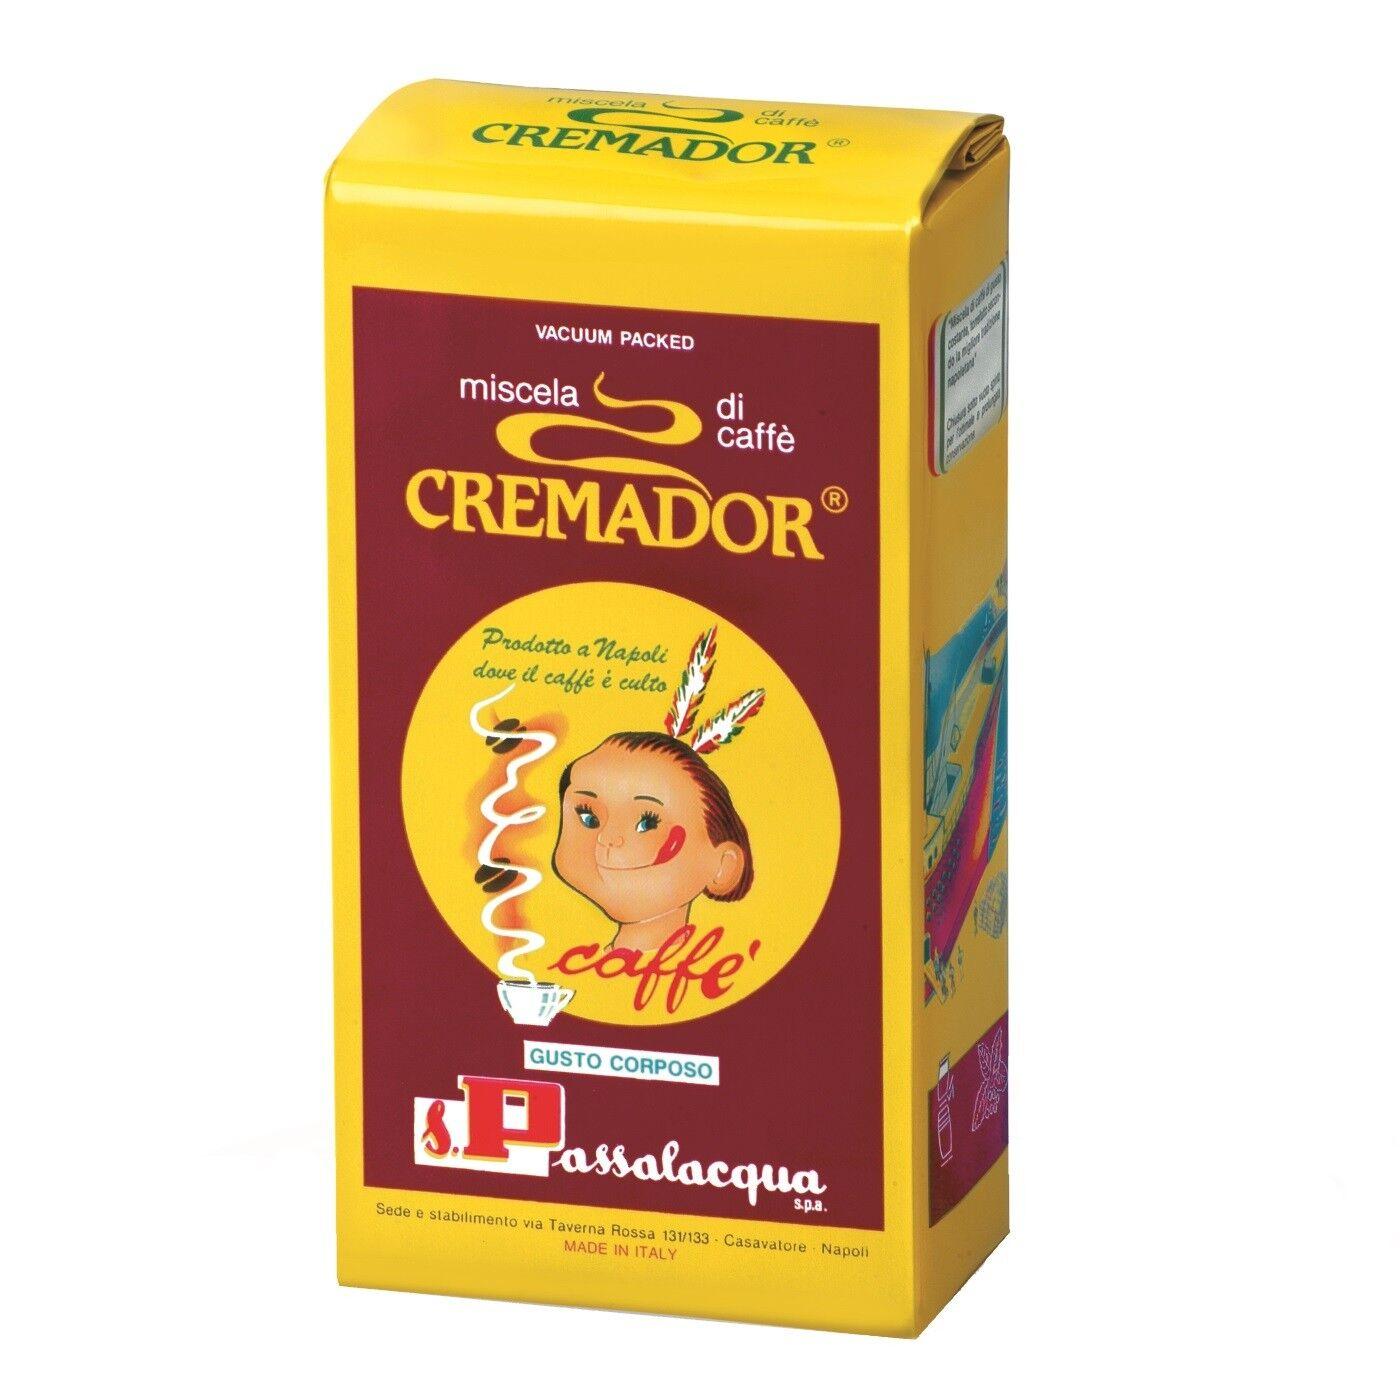 PASSALACQUA Cremador 24x 250 g gemahlen und vakuumiert